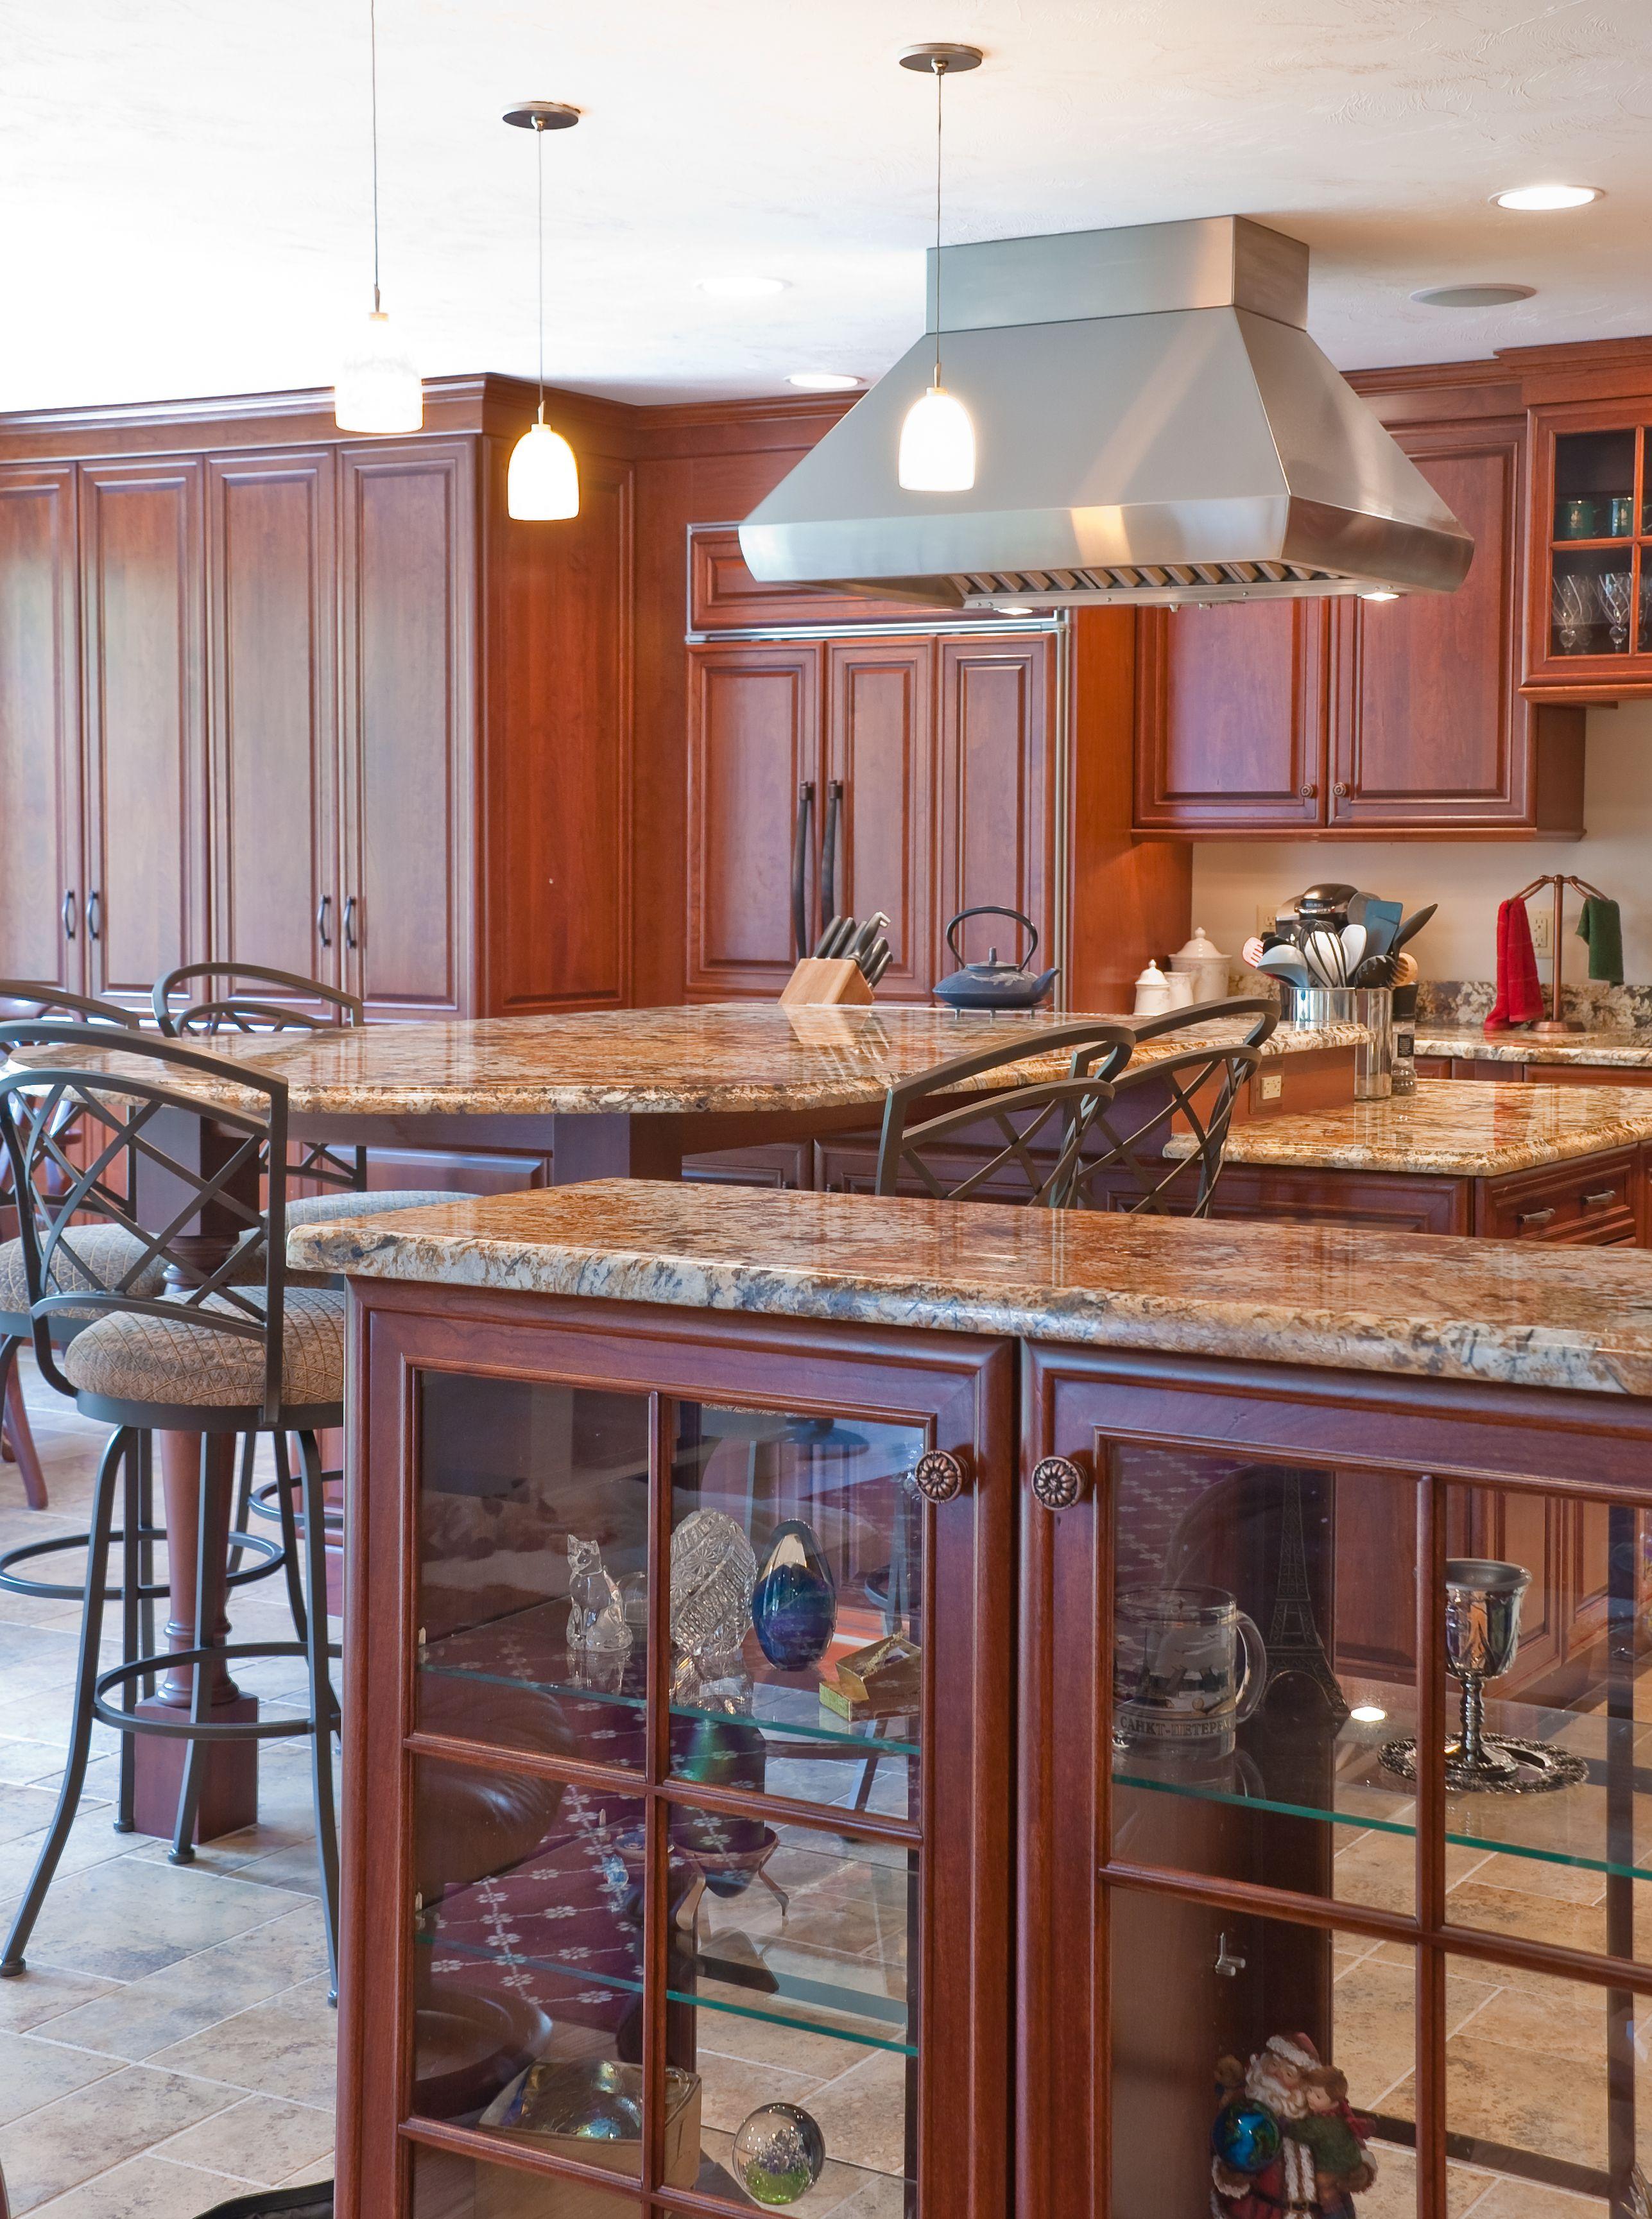 Wood-Mode Kitchen Acton Massachusetts | h o m e :: wherever I am ...